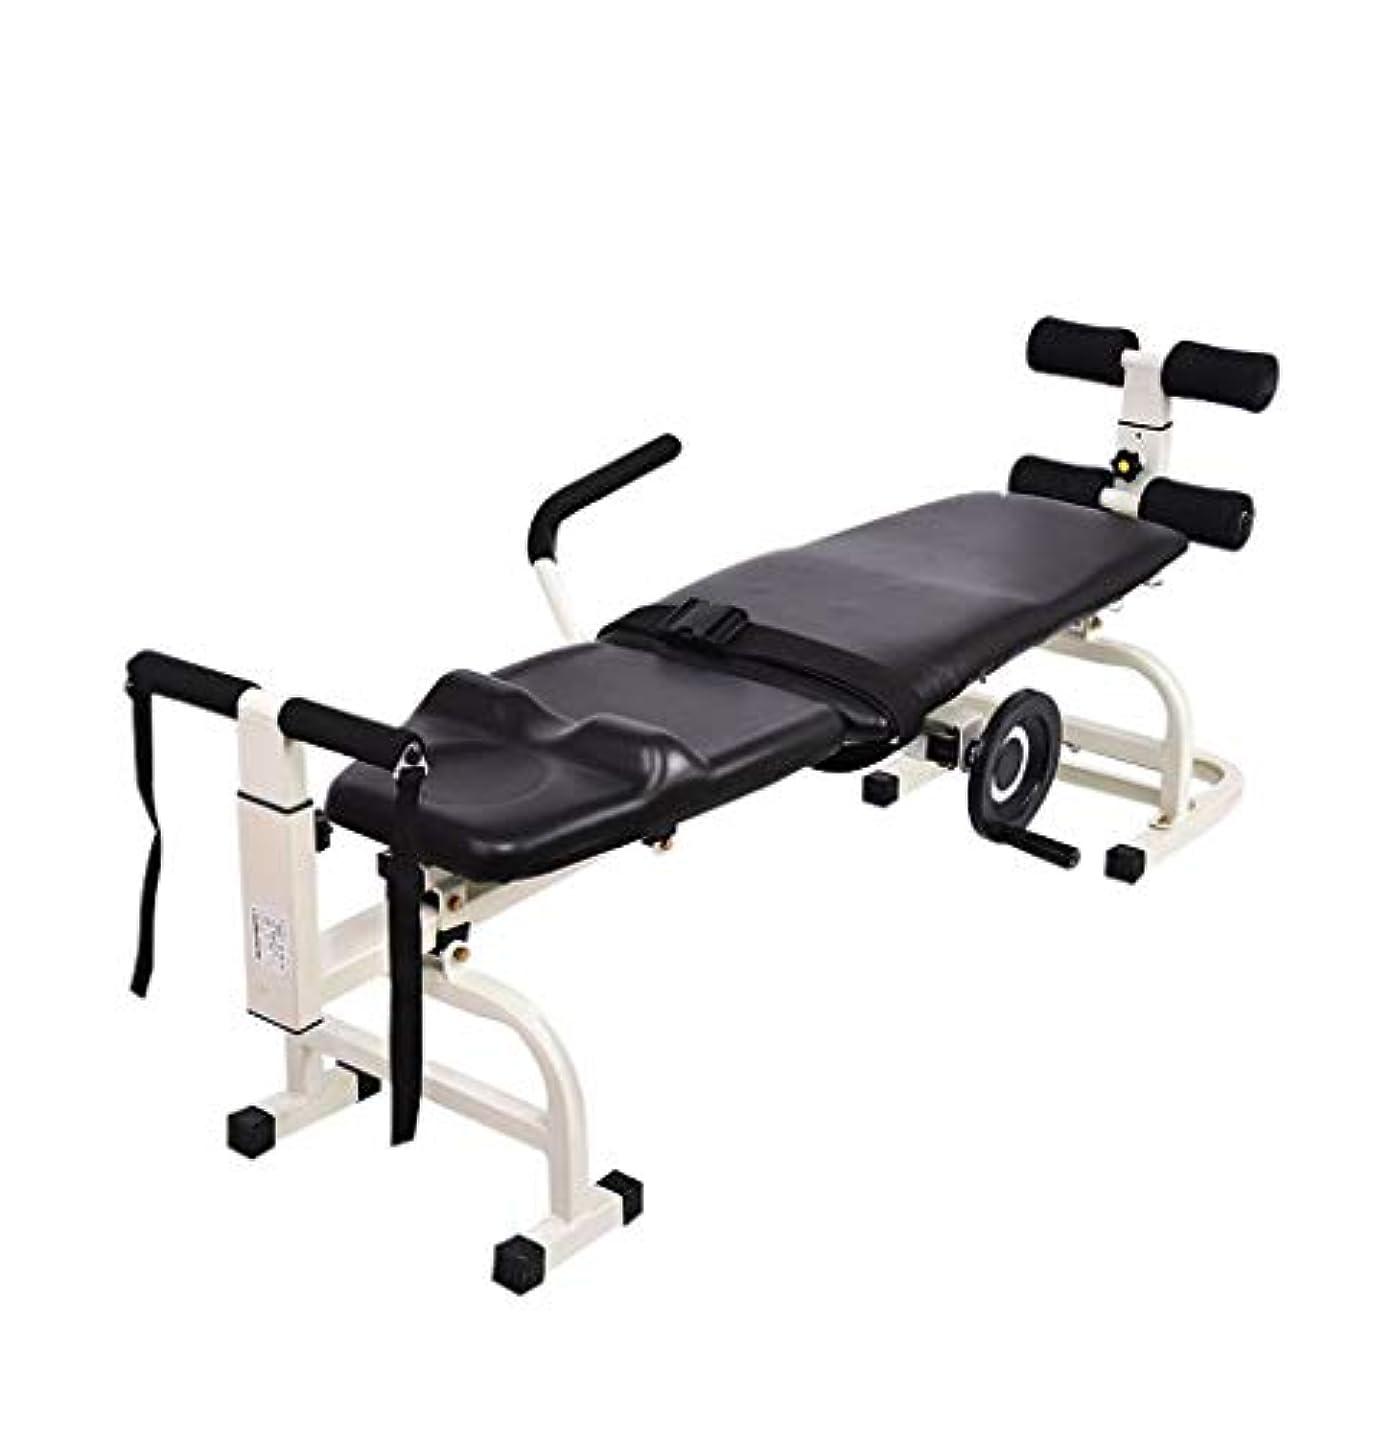 ピークイーウェルスキームマッサージベッド 頚椎と腰椎牽引折りたたみベッボディストレッチリラックス調整可能施術ベッド イス 老人看護用品